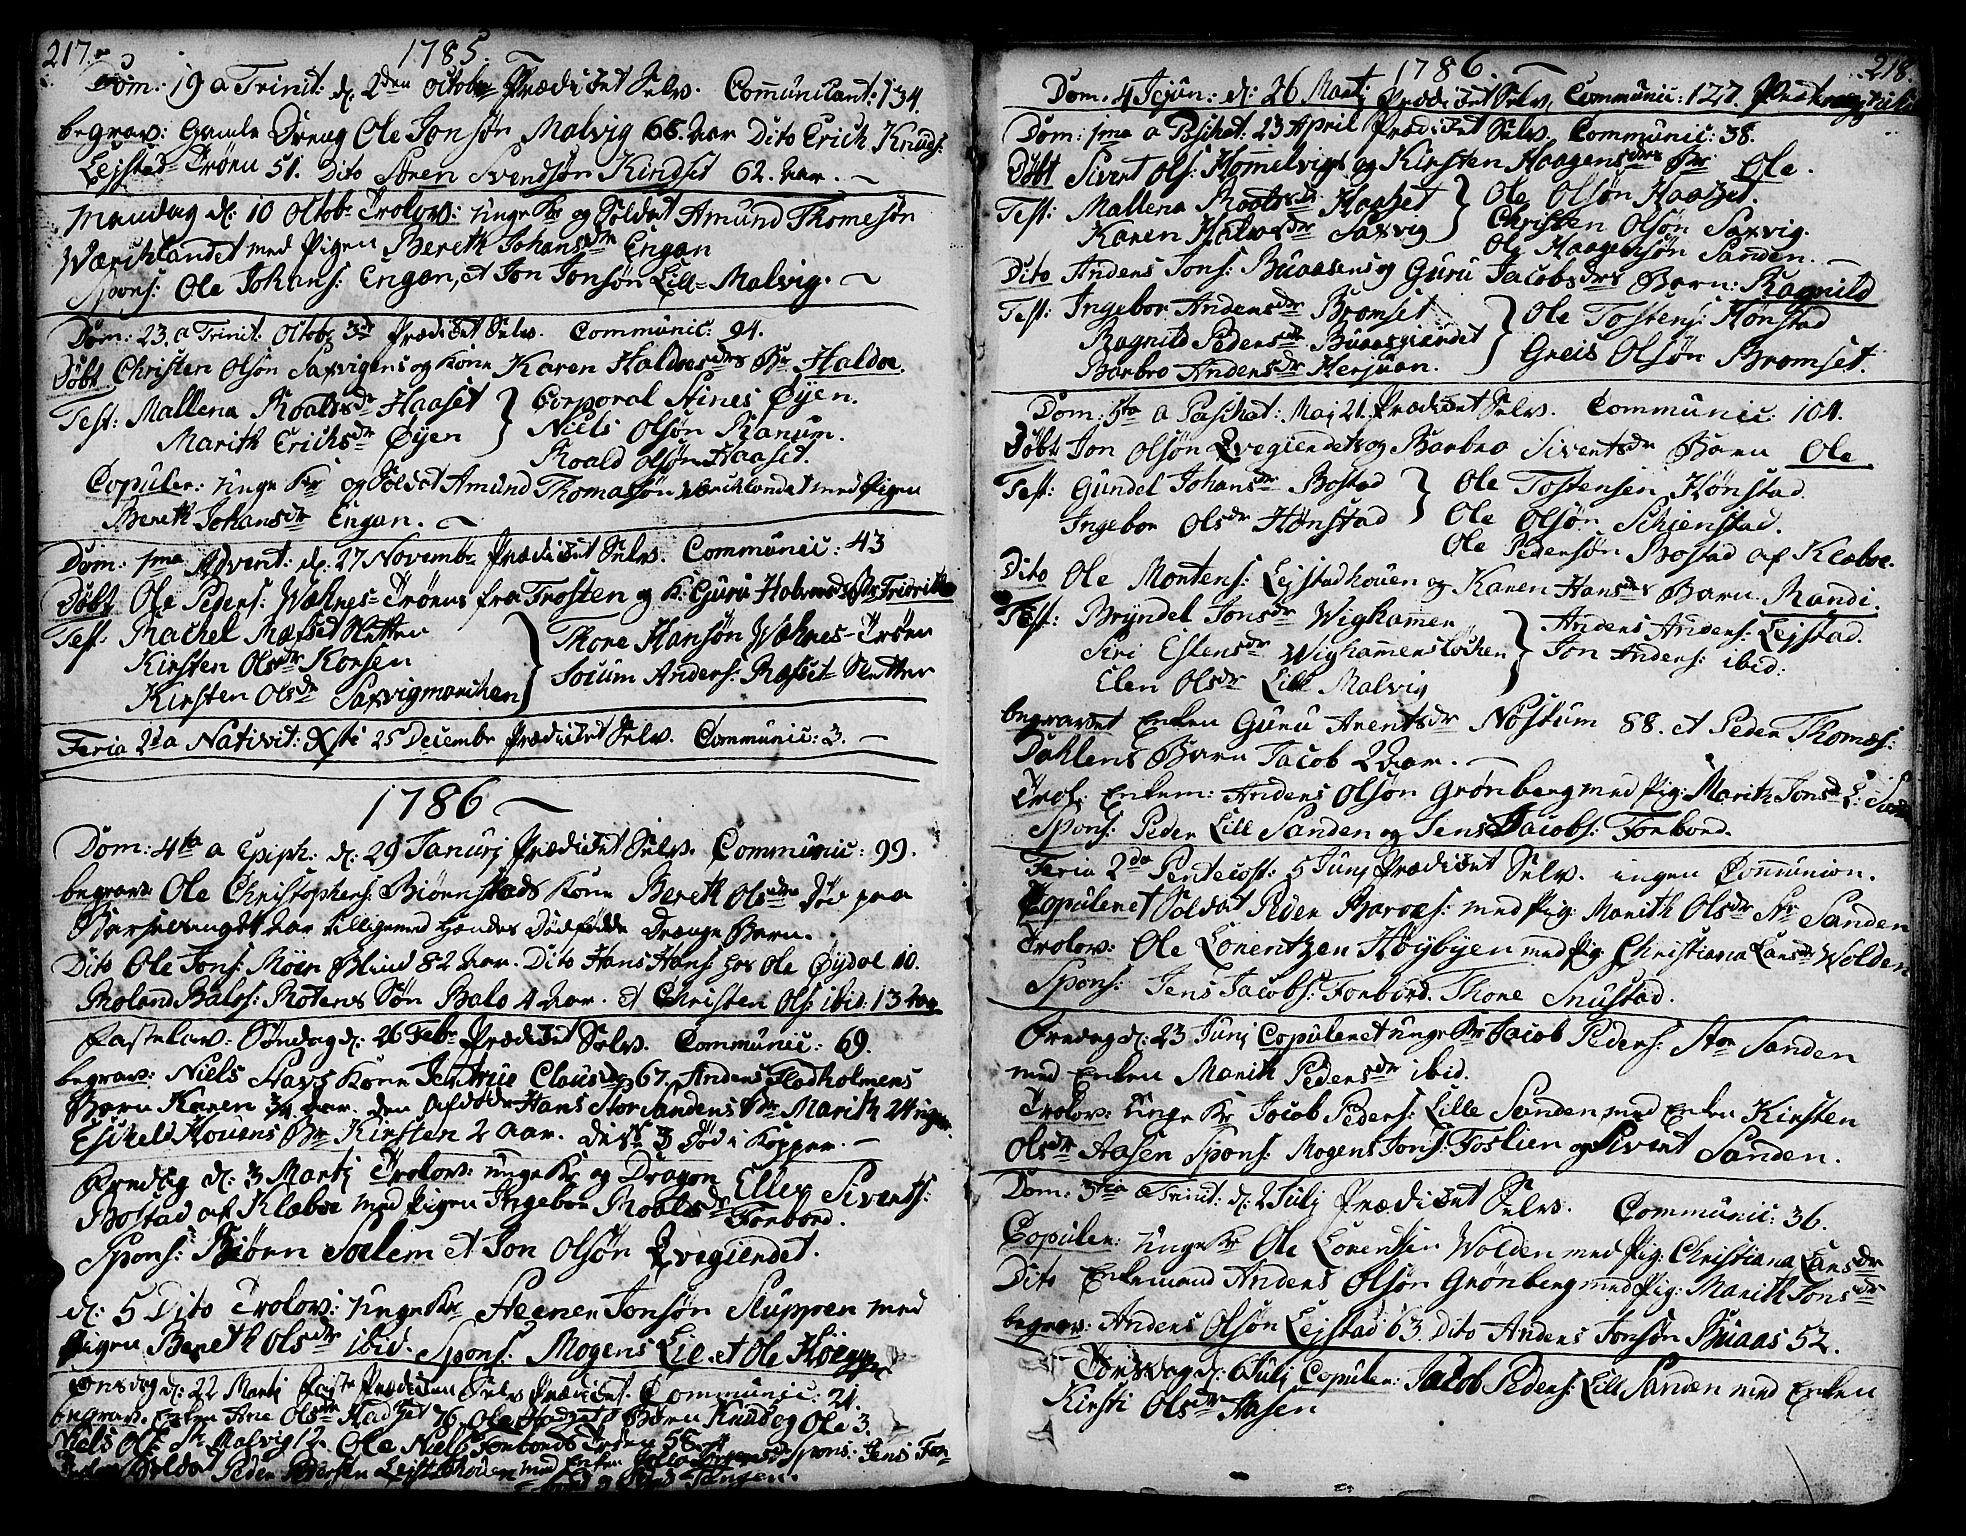 SAT, Ministerialprotokoller, klokkerbøker og fødselsregistre - Sør-Trøndelag, 606/L0281: Ministerialbok nr. 606A02 /2, 1781-1817, s. 217-218